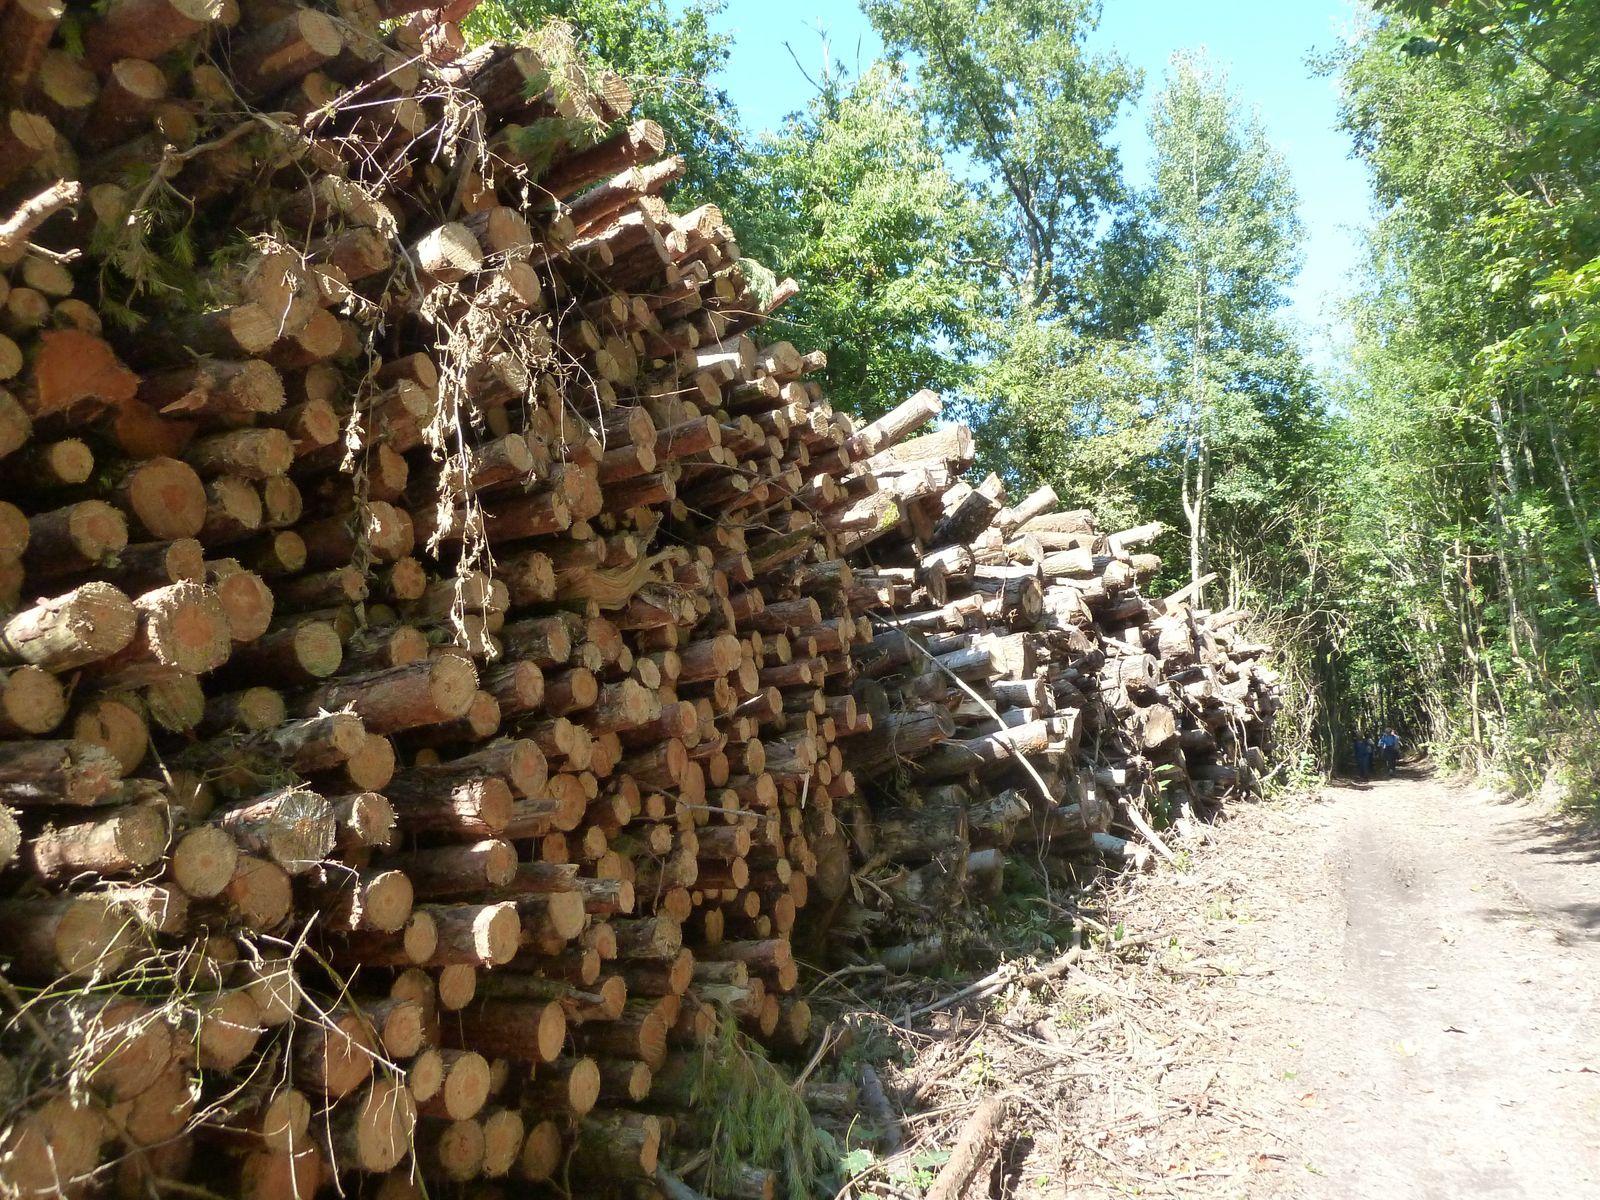 Coupe de bois en cours dans le Bois de Guillayottes.